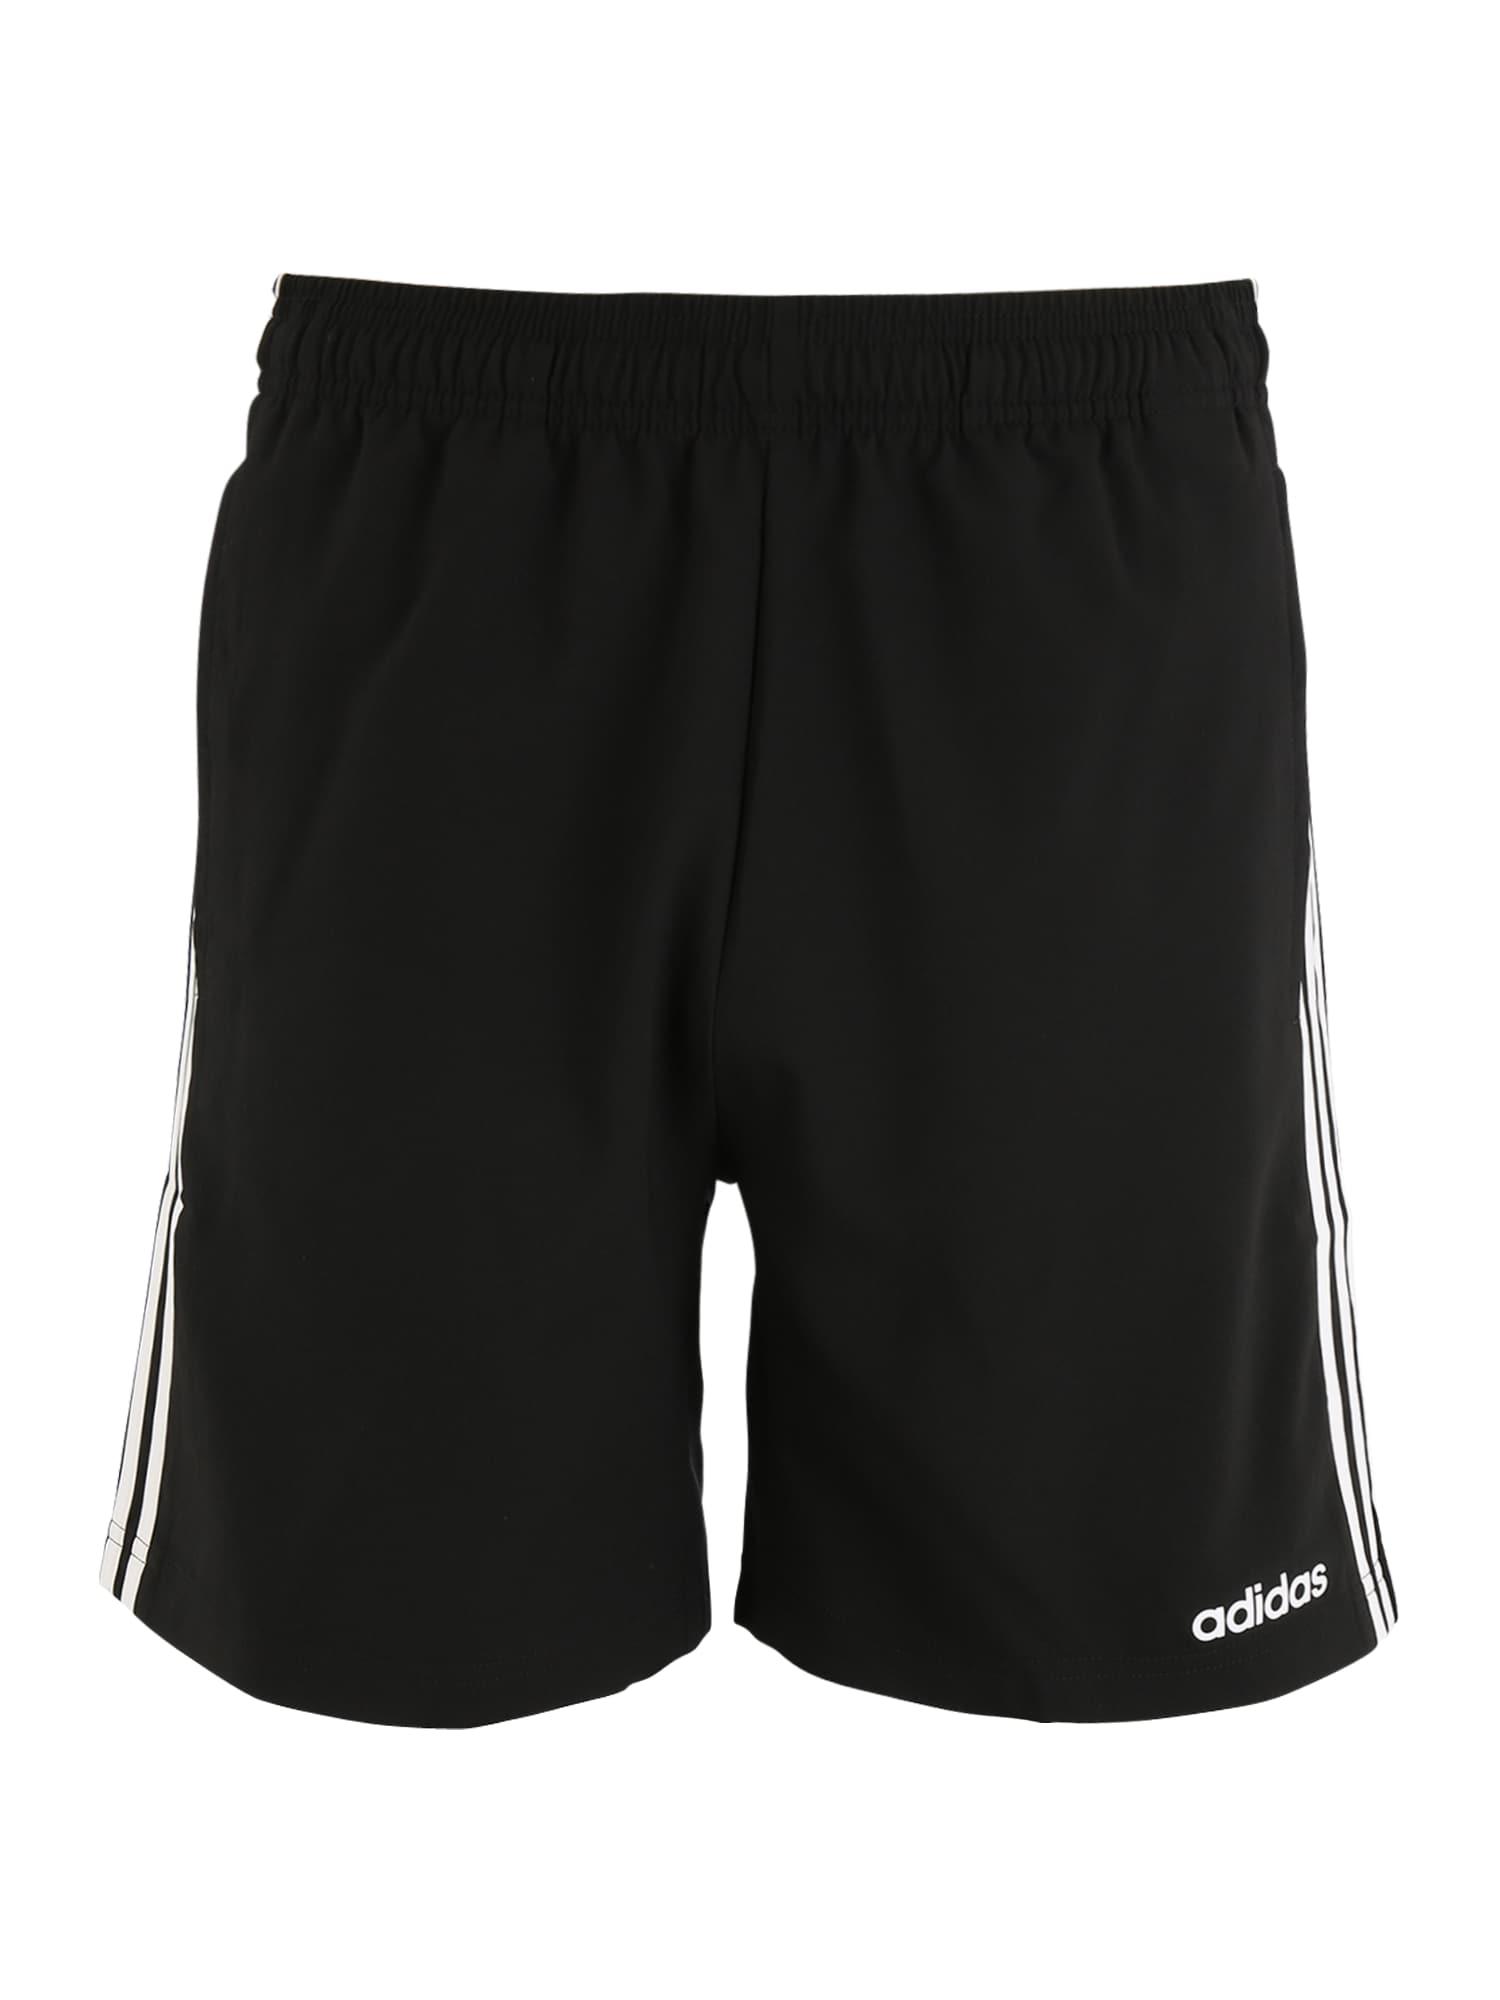 ADIDAS PERFORMANCE Sportinės kelnės 'Chelsea' juoda / balta